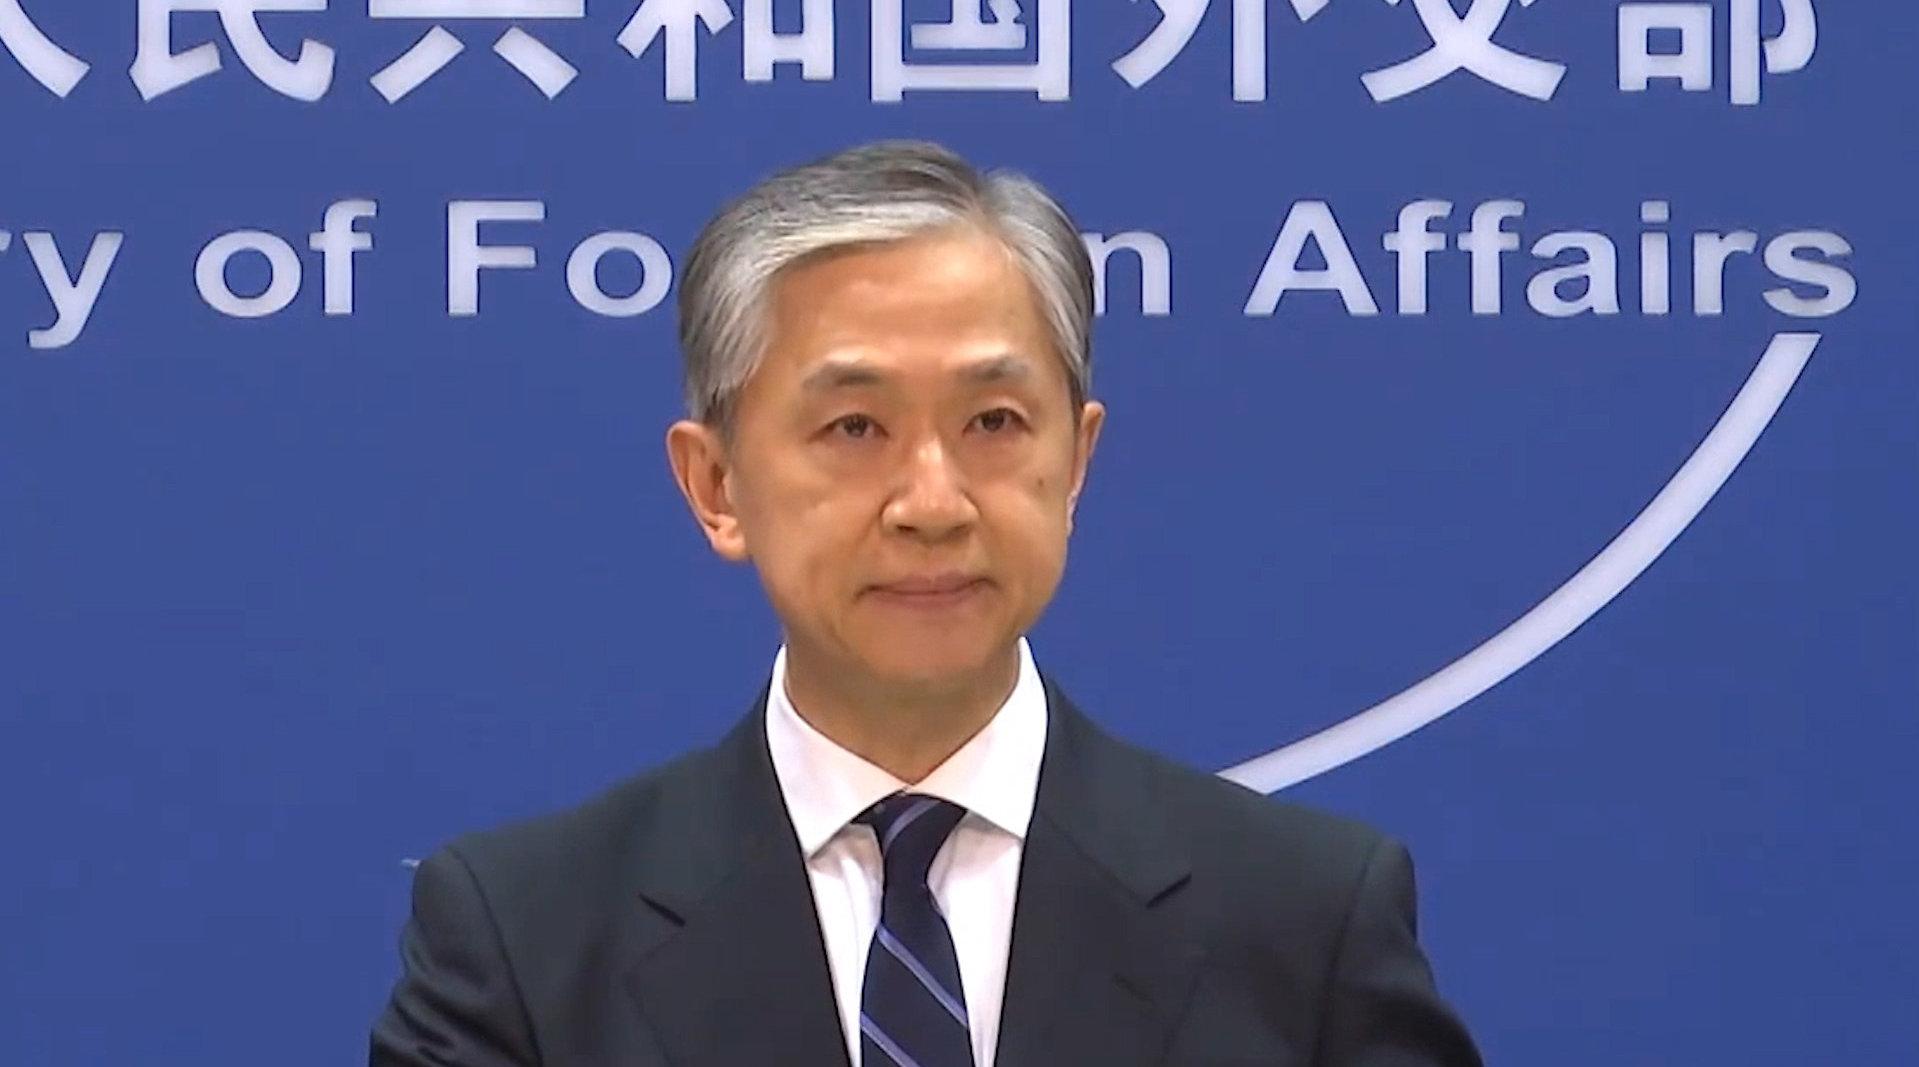 中方呼吁立即释放几内亚总统,希望各方冷静克制